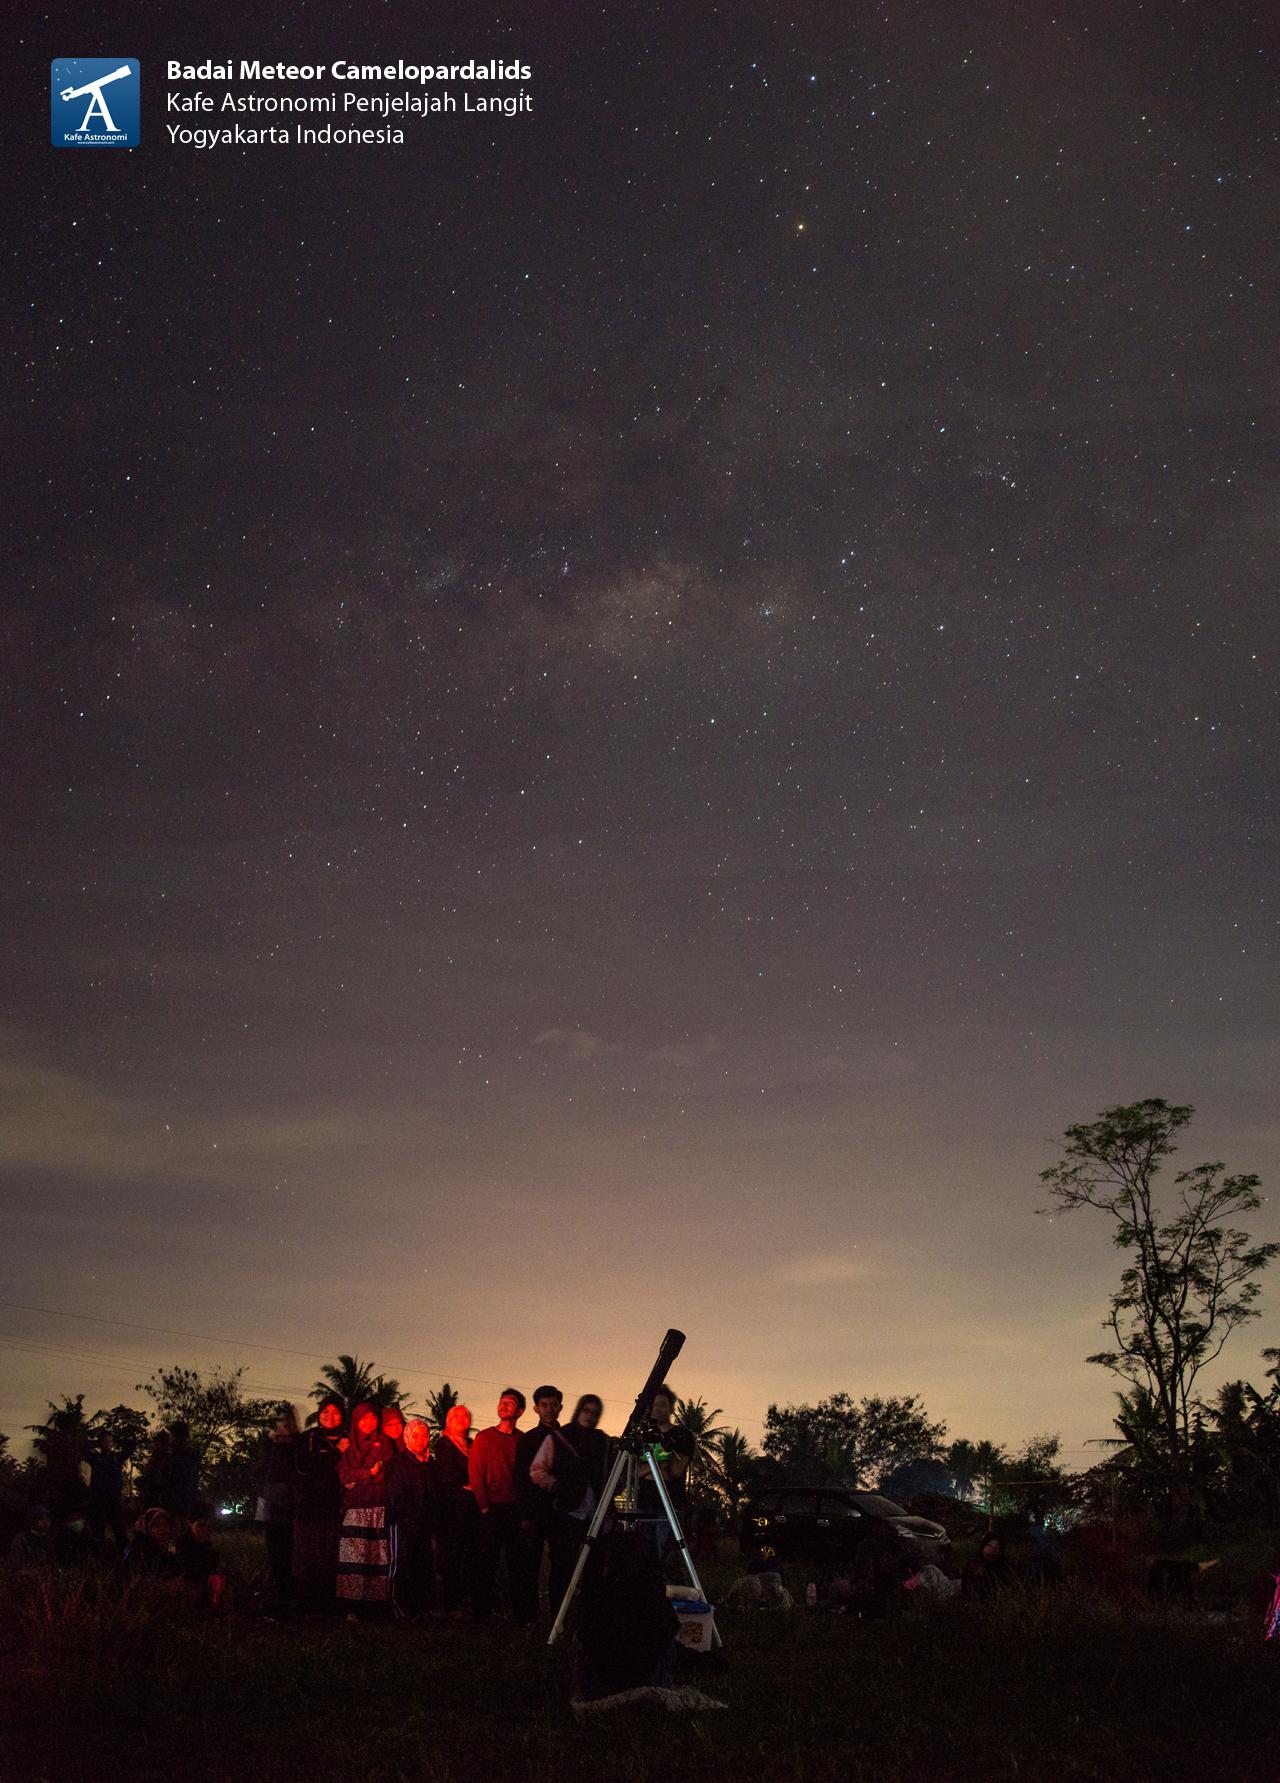 Mengamati planet Mars dengan latar belakang galaksi Bimasakti